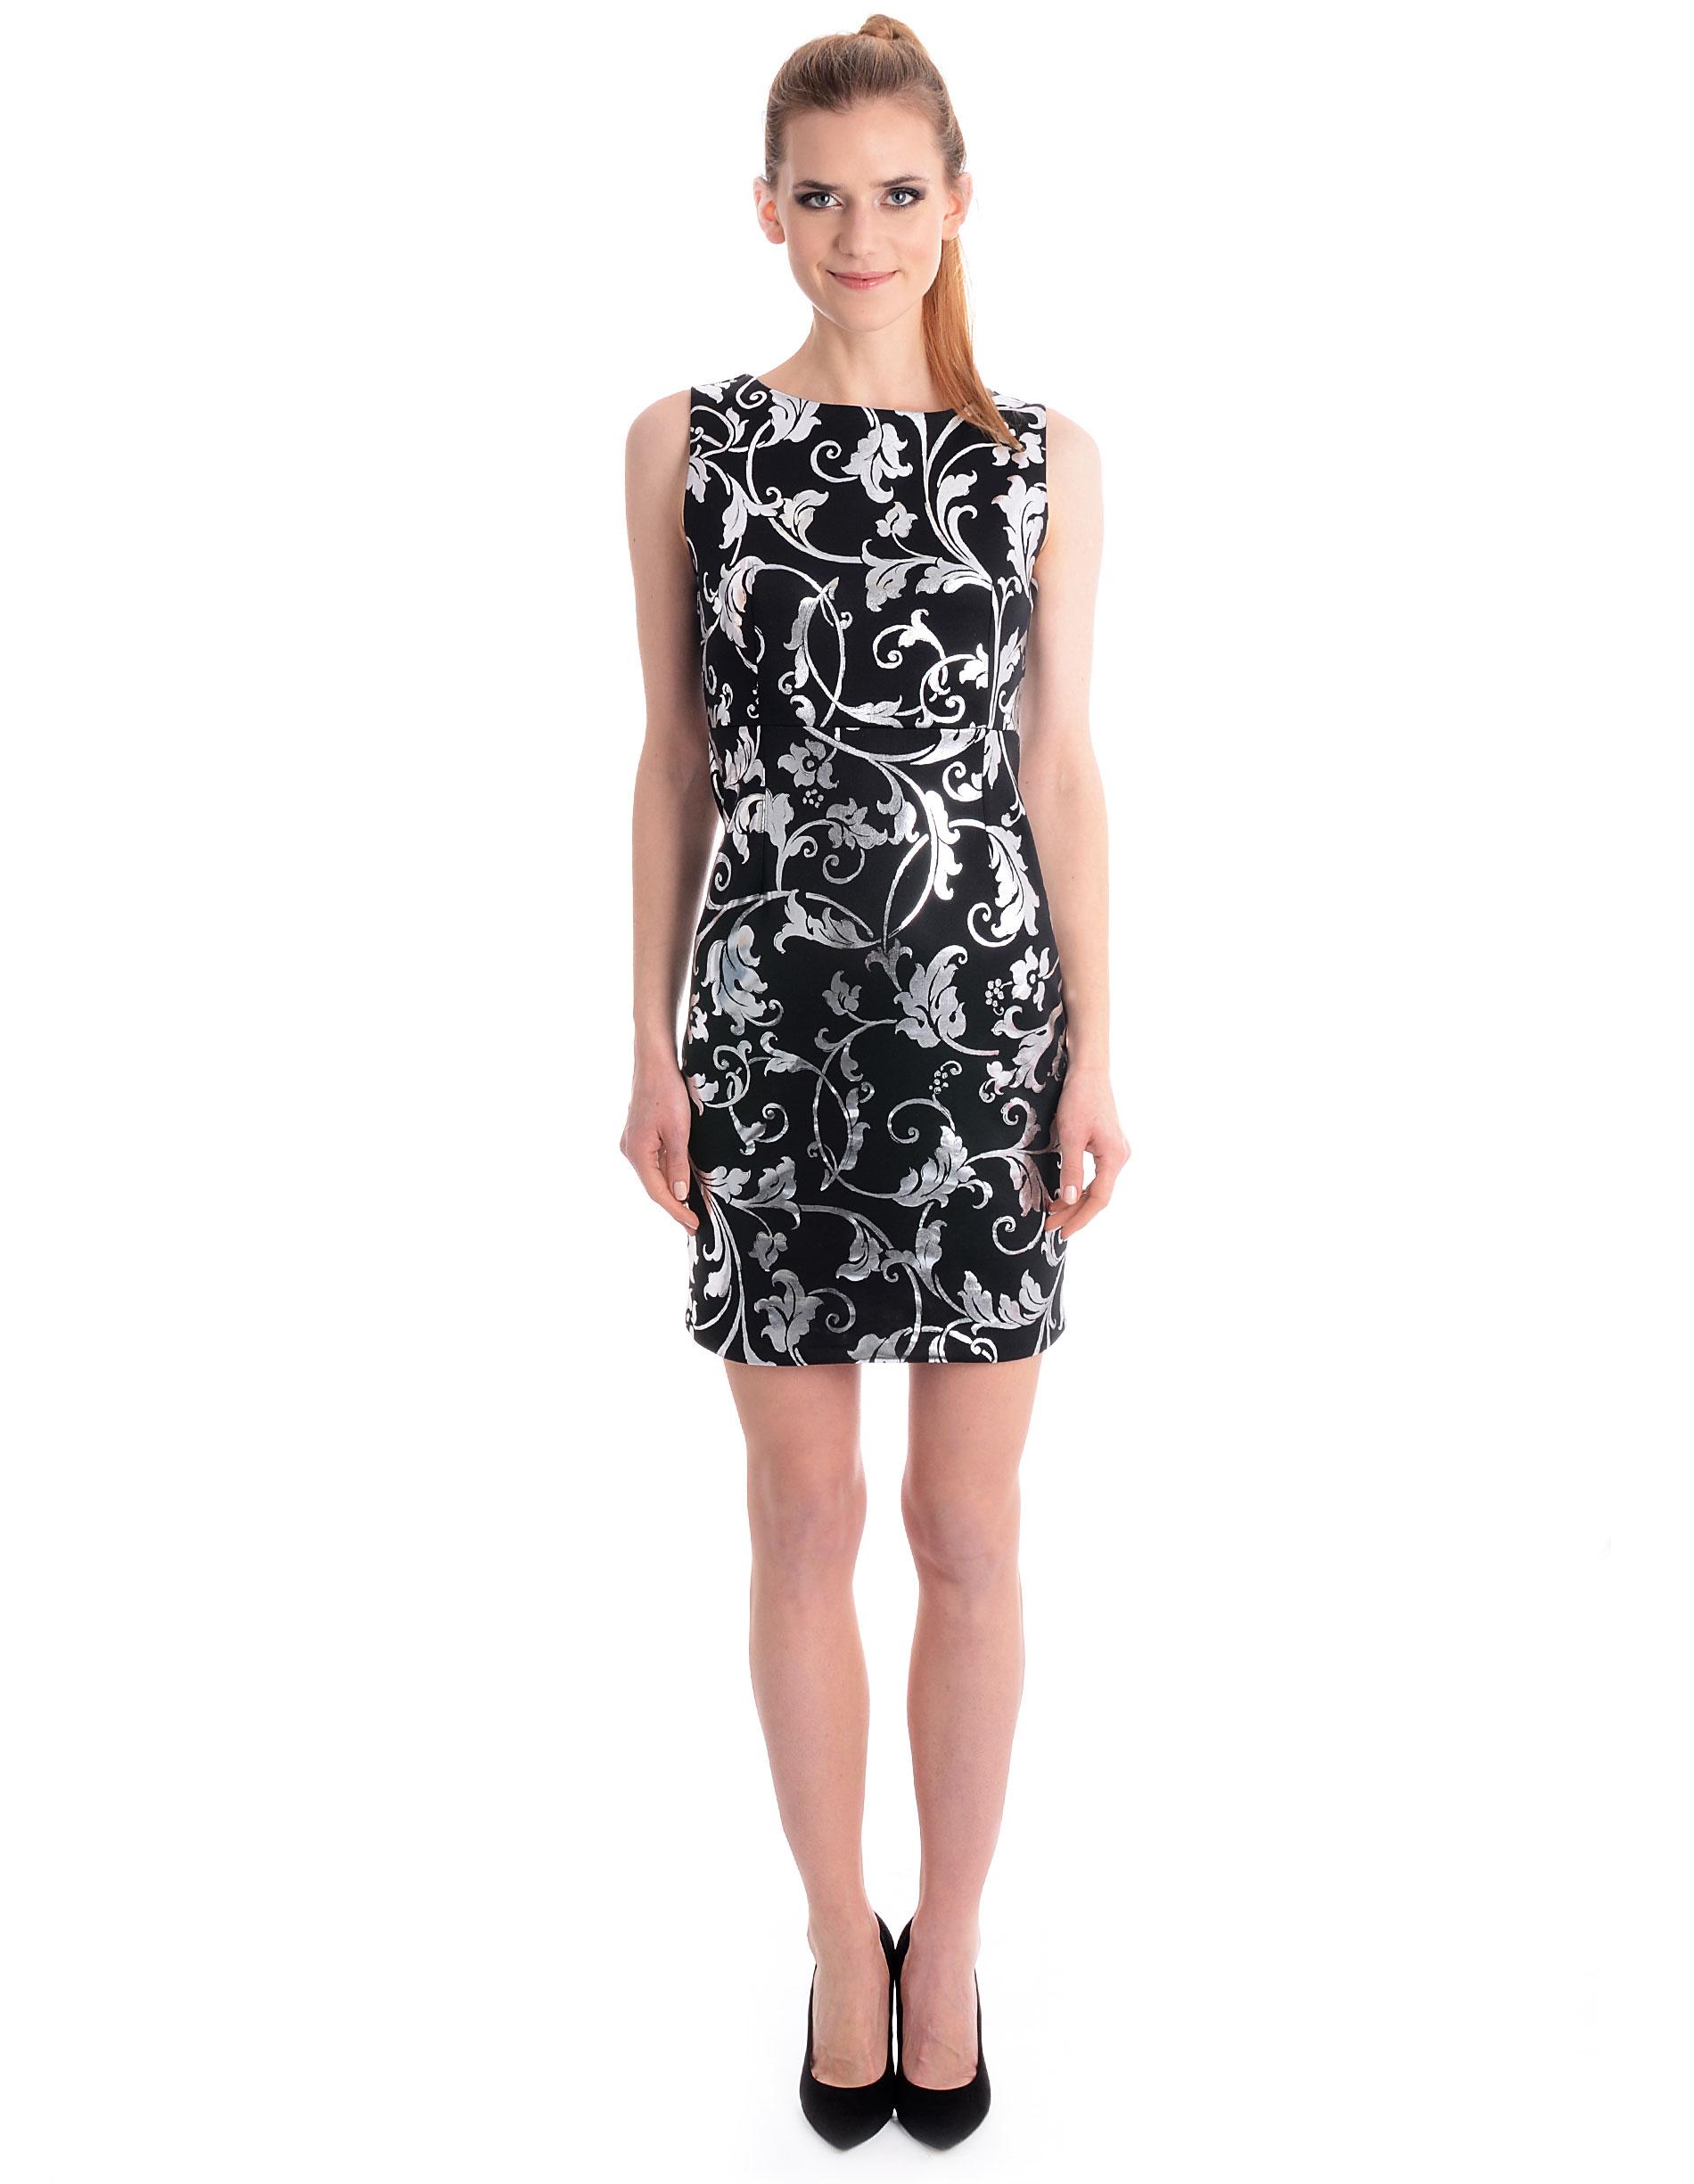 Sukienka - 46-2493 NERO - Unisono